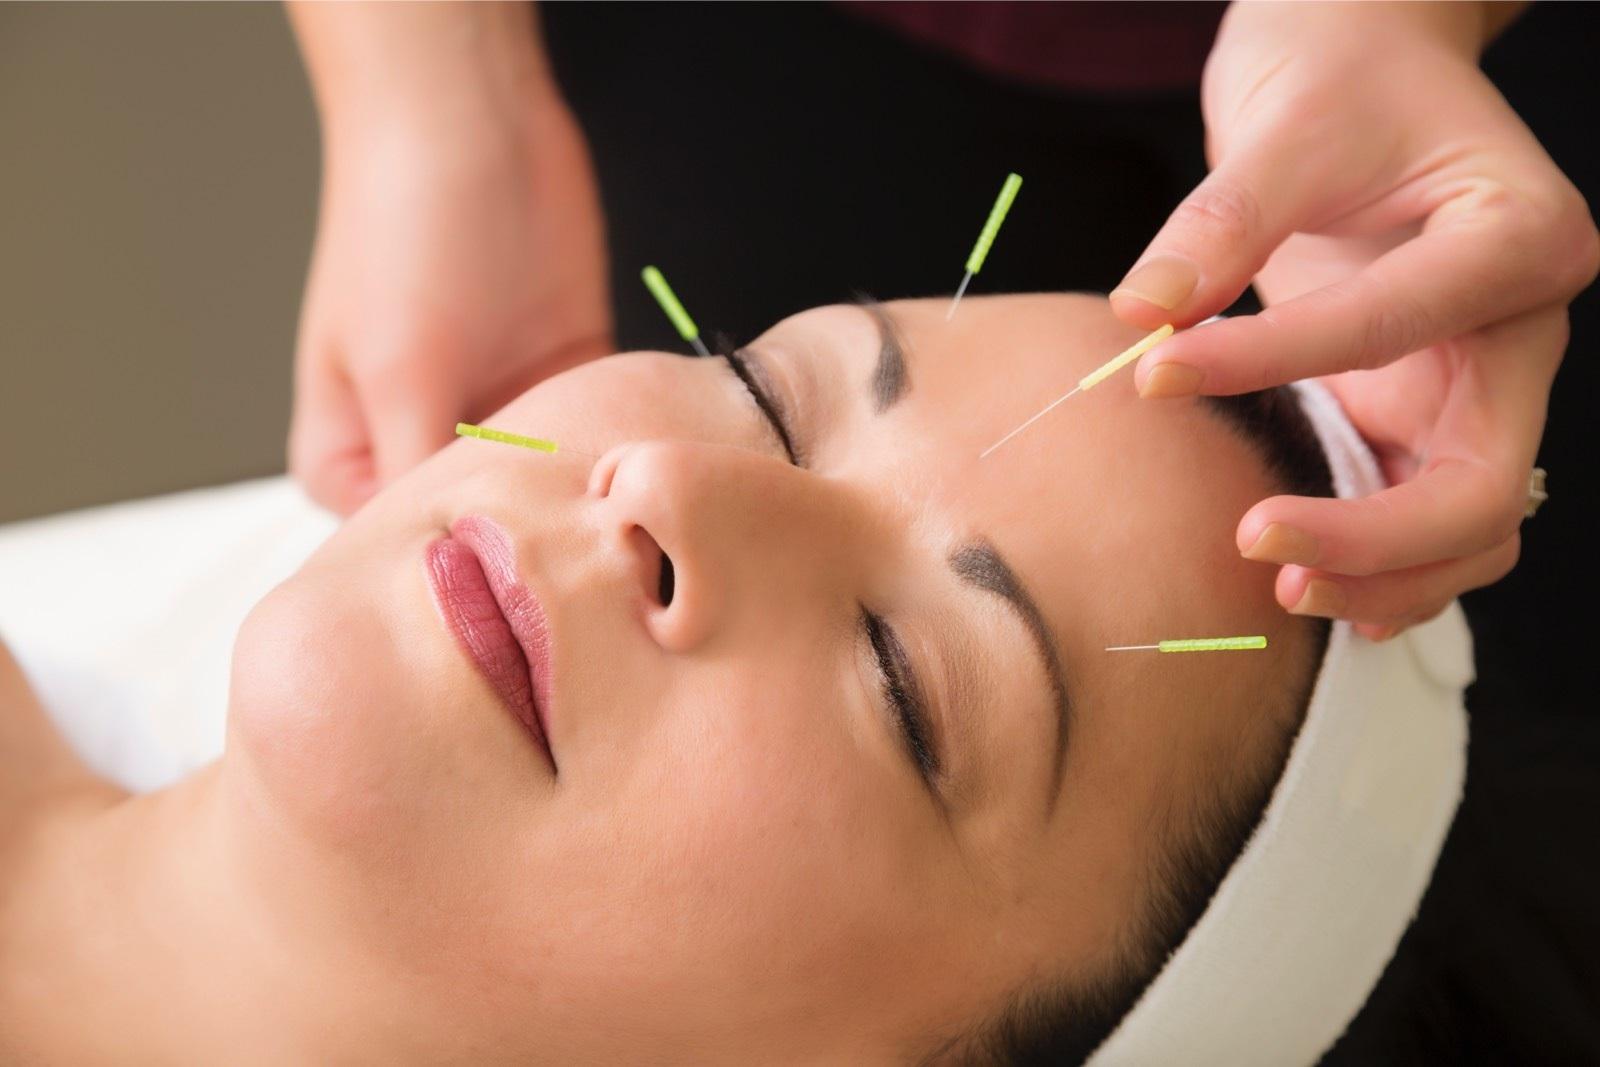 Akupunktio auttoi uneen, stressiin ja vatsavaivoihin